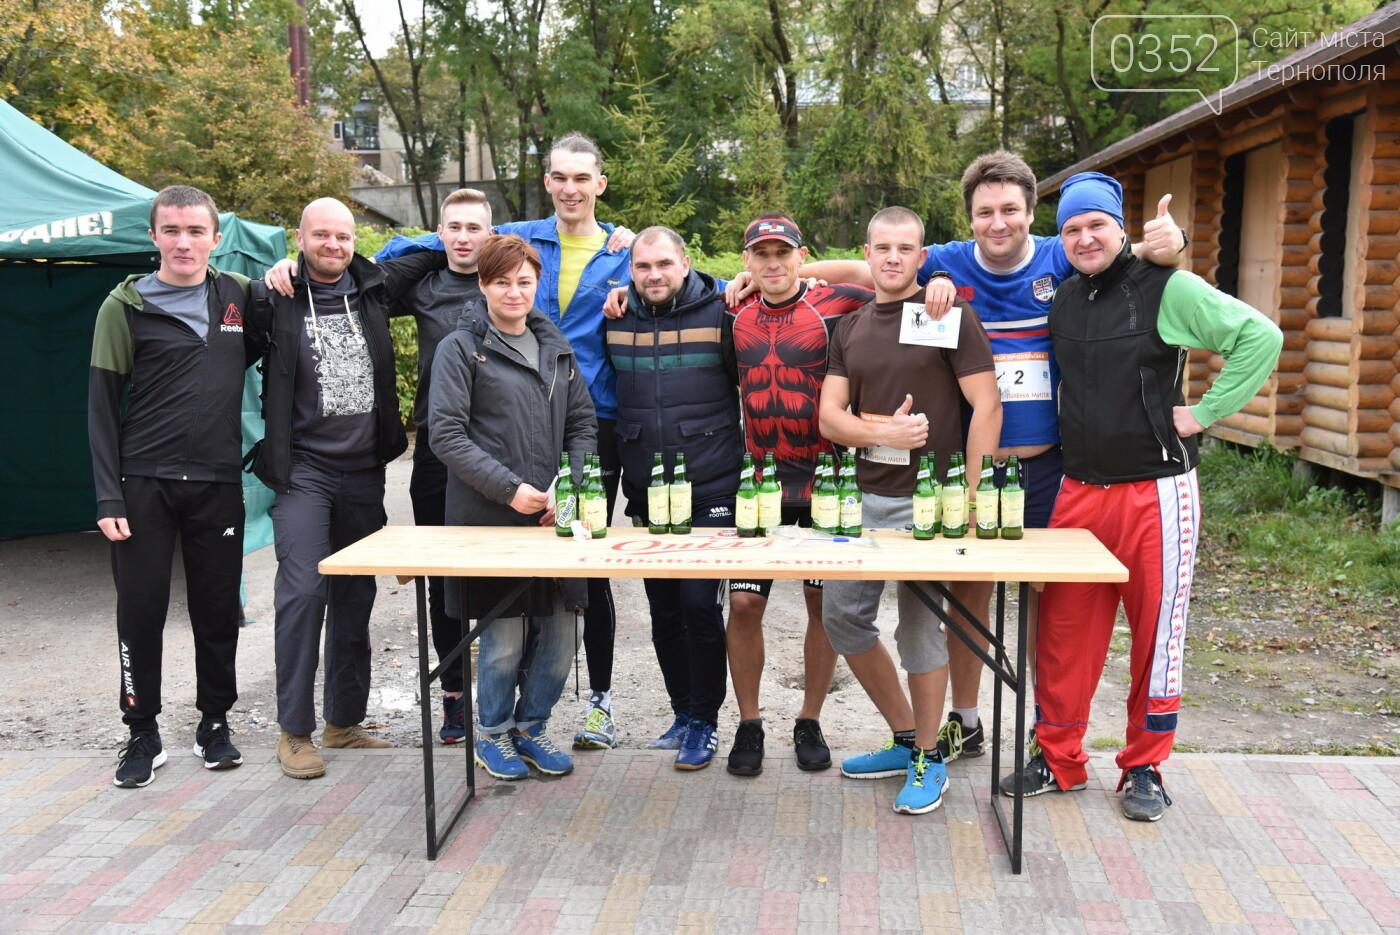 У Тернополі на «Пивній милі», де треба було пити пиво під час бігу, фінішувати вдалося не всім (Фоторепортаж), фото-13